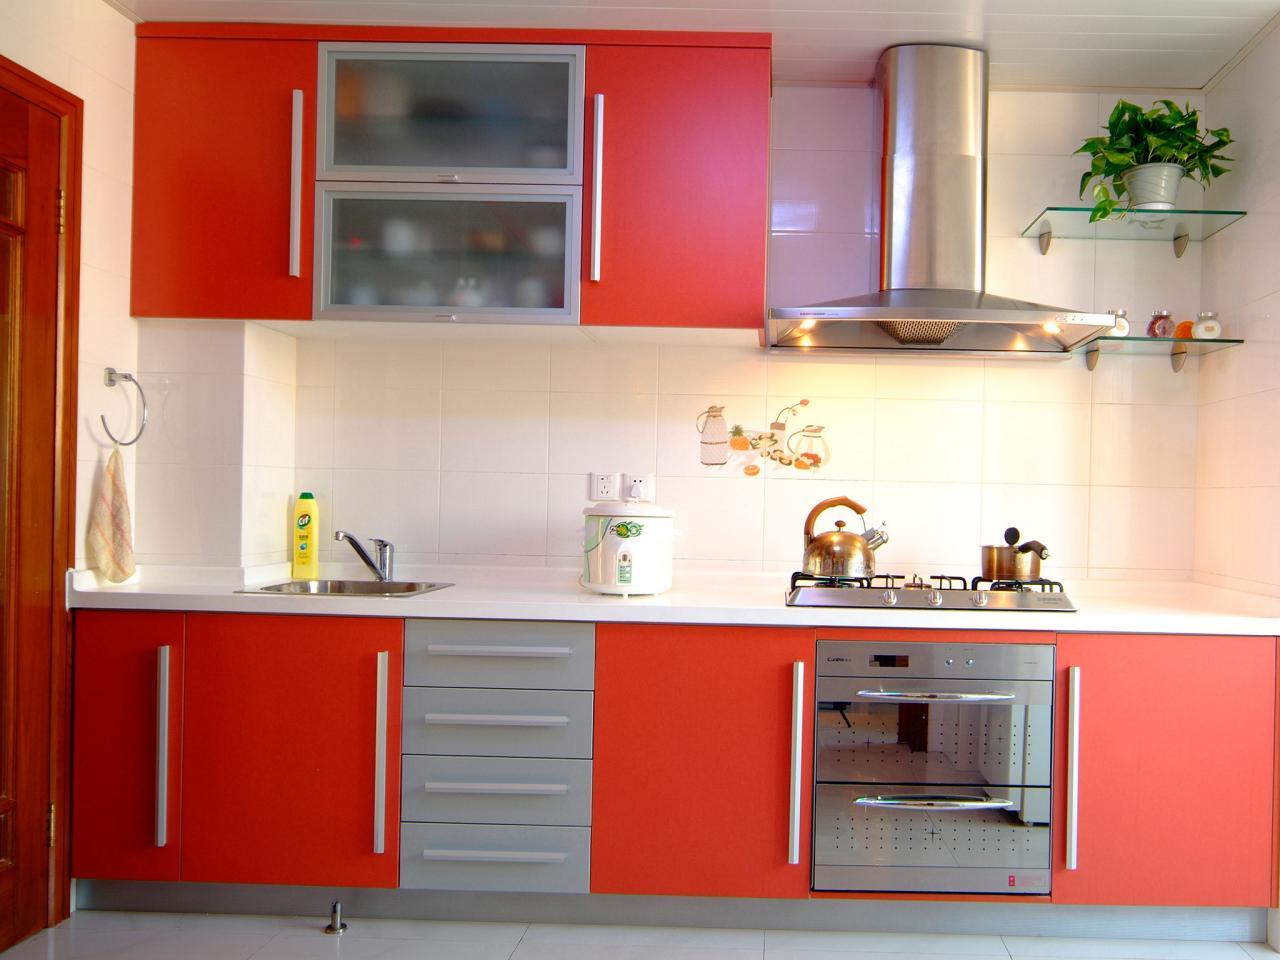 kitchen cabinets design kitchen cabinet design ideas QQAHOLI